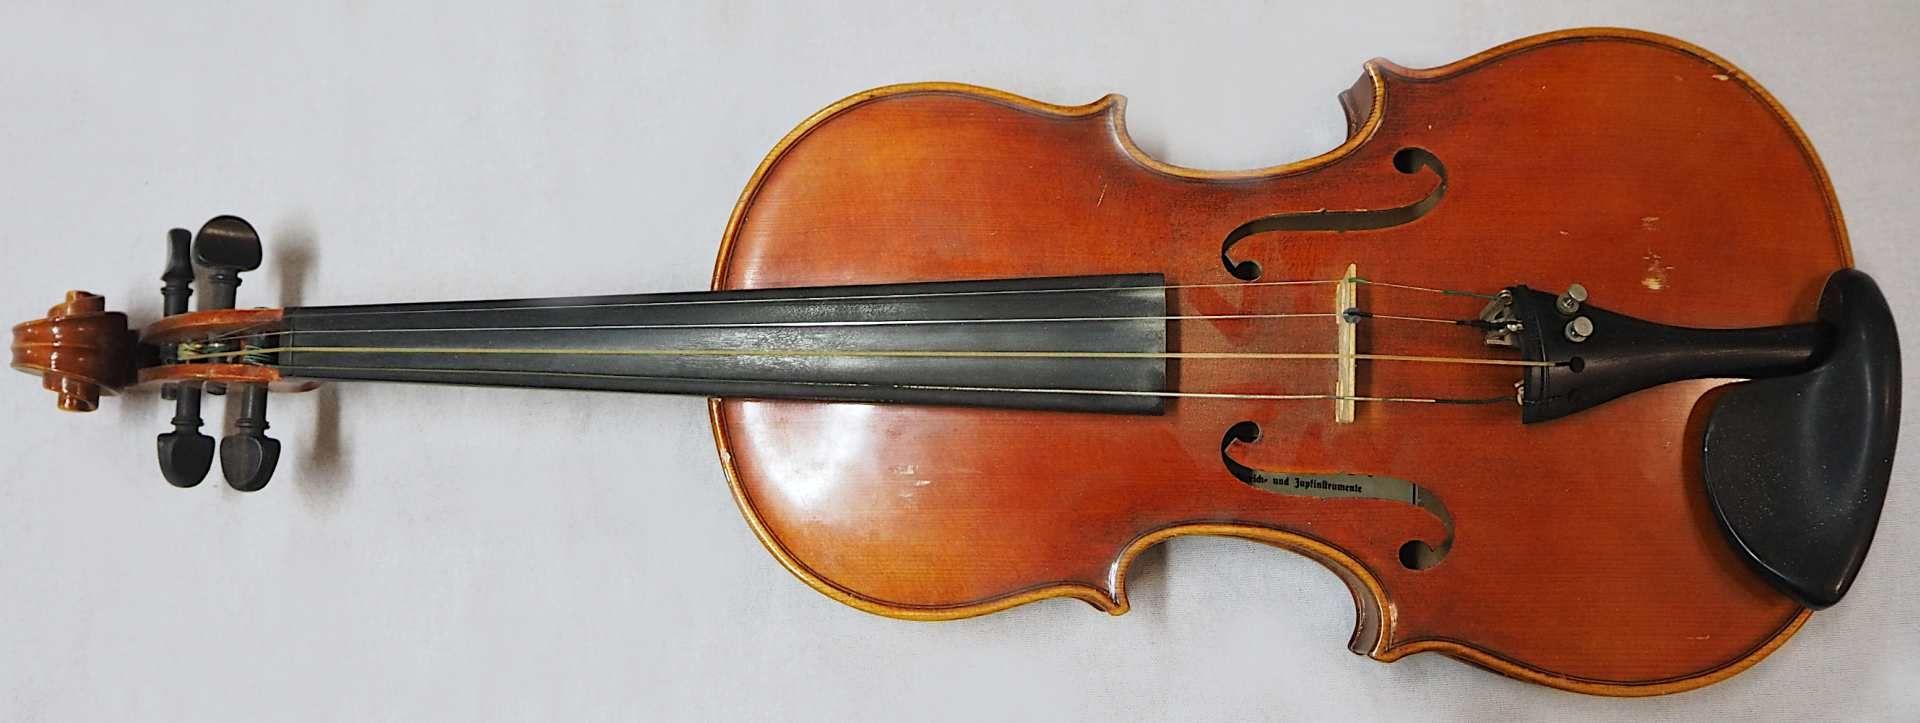 1 Geige 20.Jh. auf Klebezettel bezeichnet MAX SANDNER, Erlangen L ca. 61cm, min. Lacks - Bild 2 aus 3